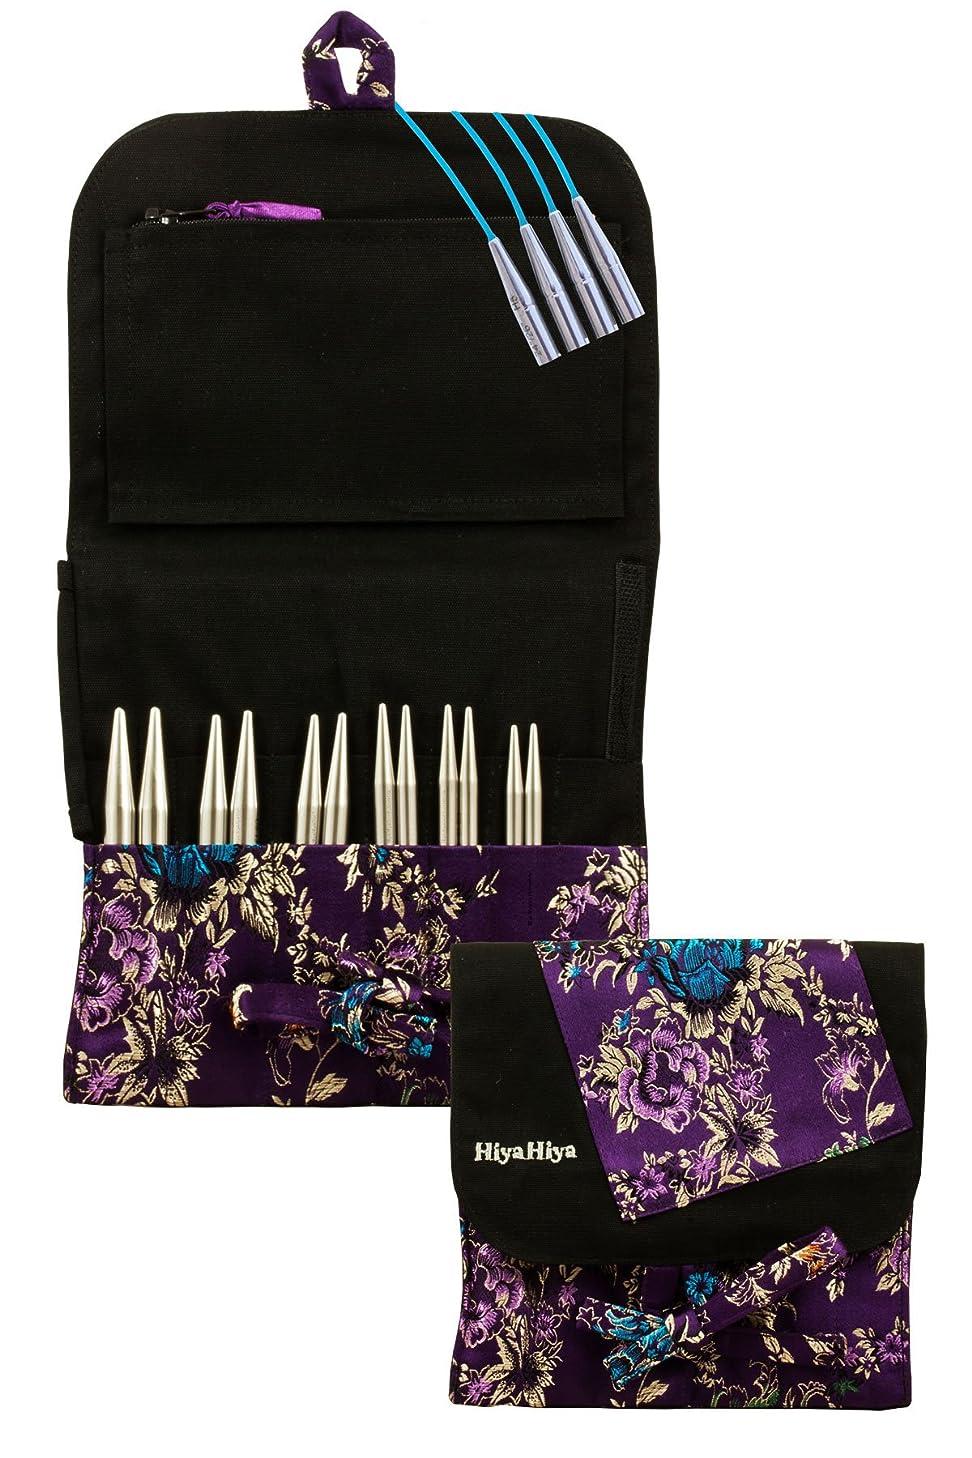 HiyaHiya Interchangeable 4-inch (10cm) Steel Knitting Needle Set; Large Tip Sizes (US 9-15) HISTINKIT4LG